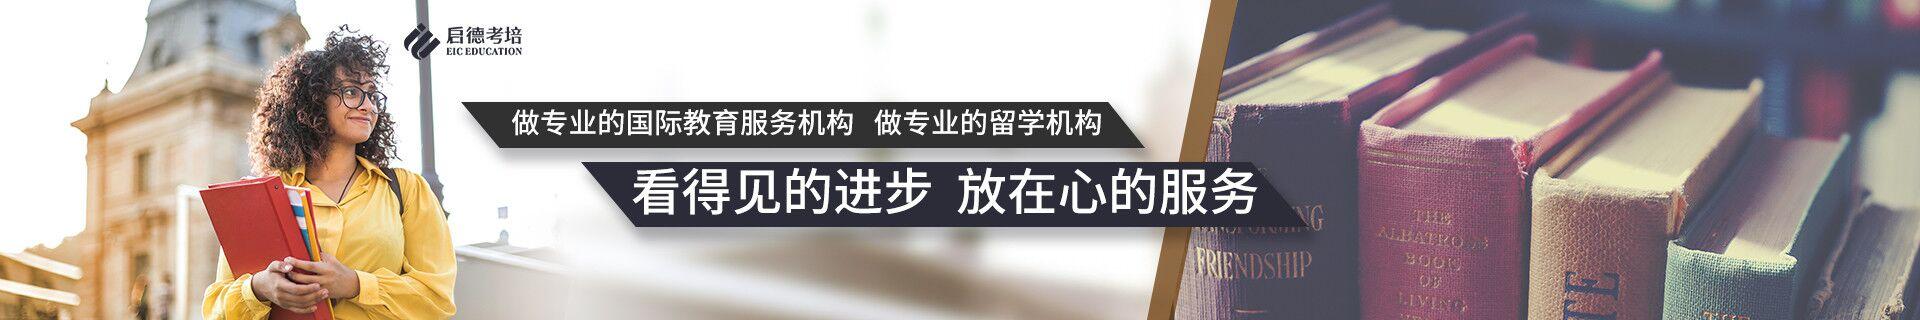 烟台芝罘区启德考培